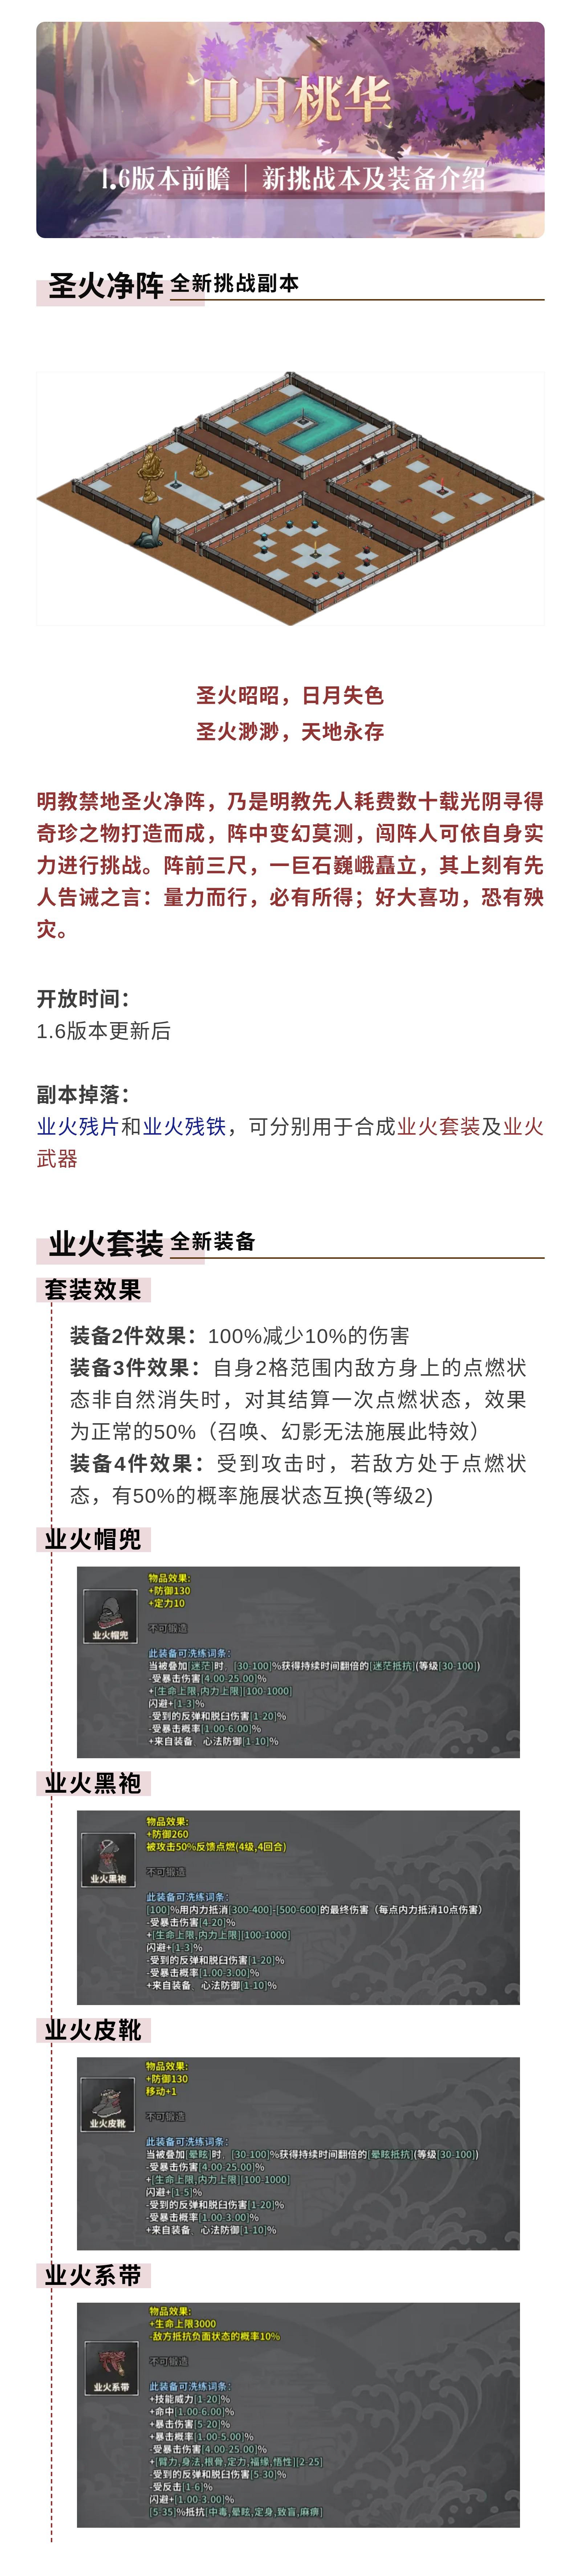 【汉家江湖】1.6版本前瞻 | 新副本·新装备·挑战副本优化